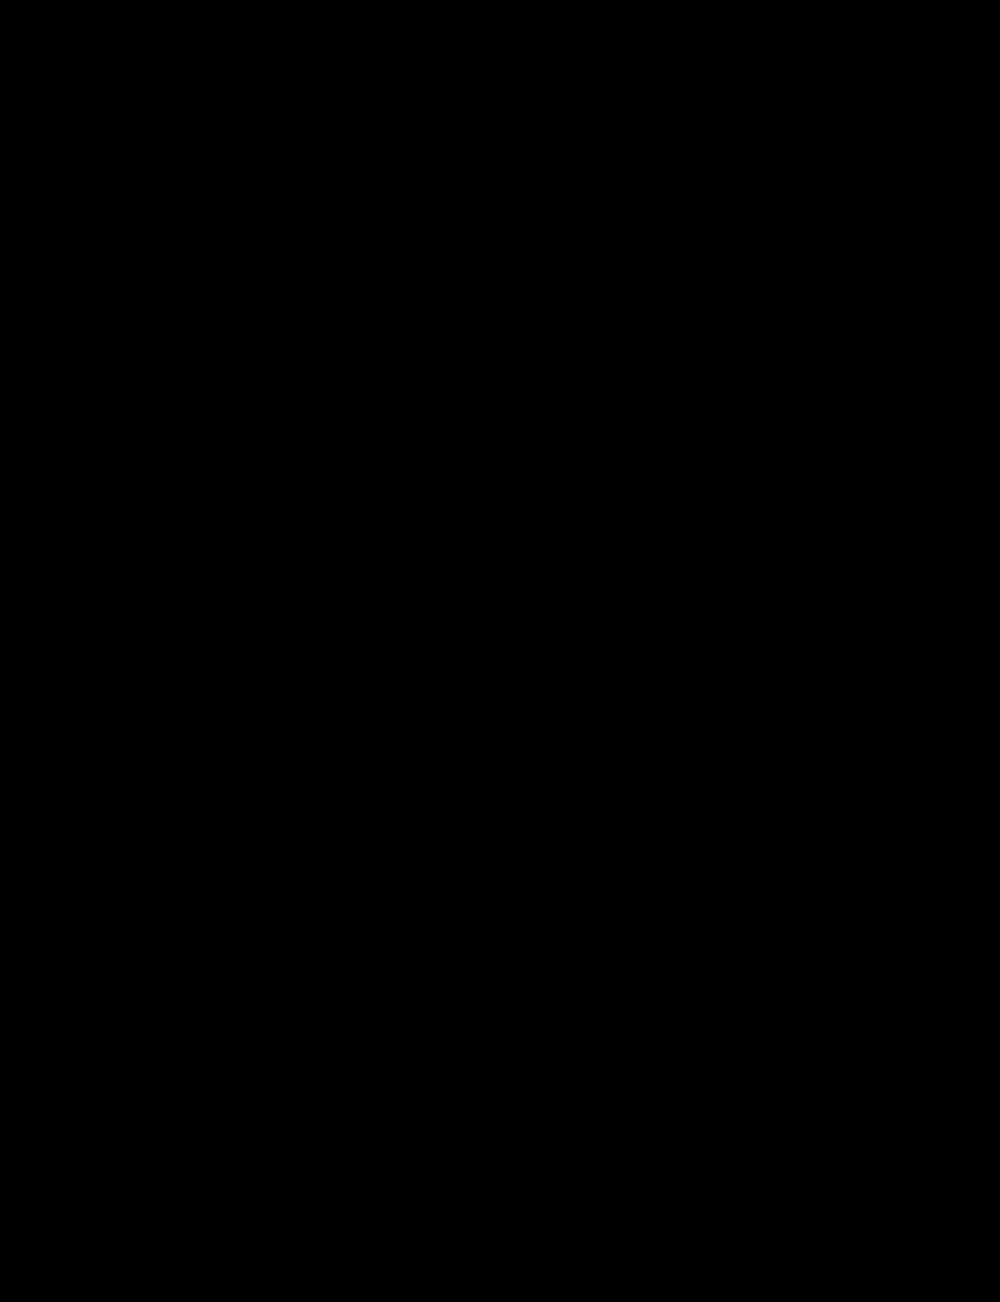 CarréŽ flou avec frange effilŽée